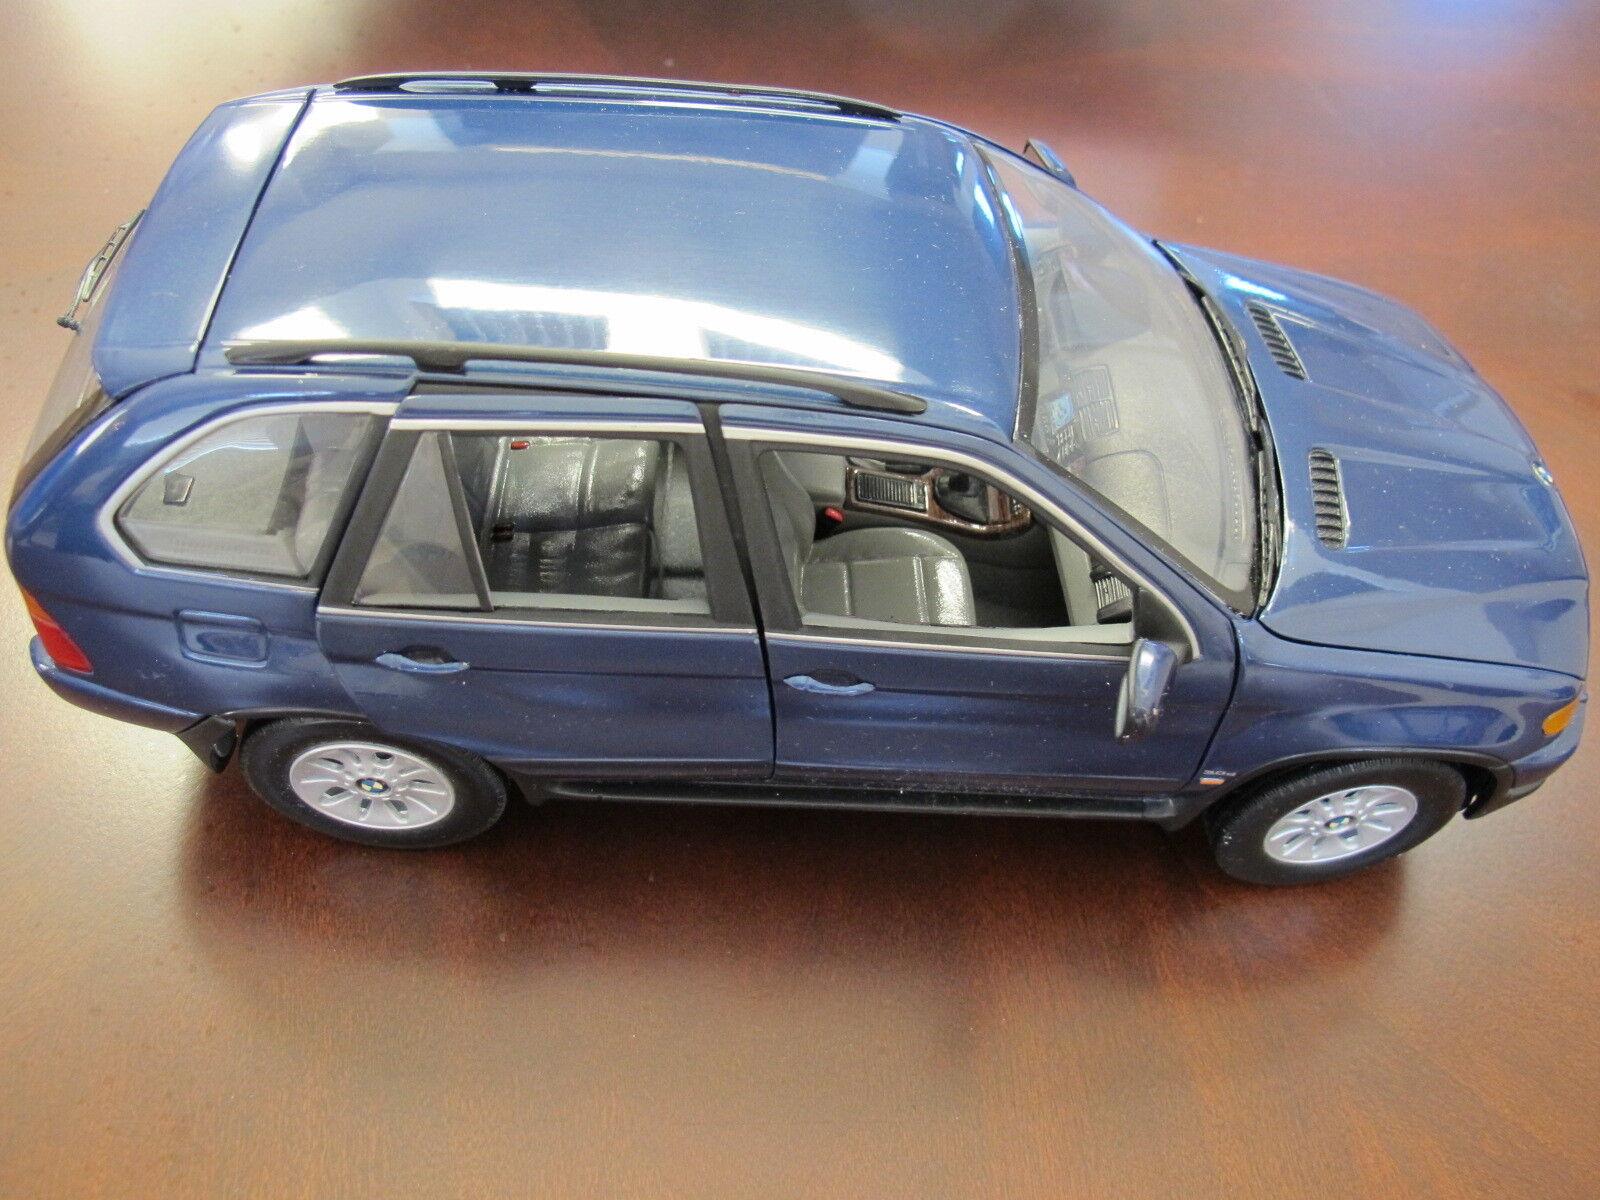 barato en alta calidad Nuevo y menta BMW X5 X5 X5 3.0 Diesel (E53) Distribuidor Modelo 08 43 9 411 688  ¡envío gratis!